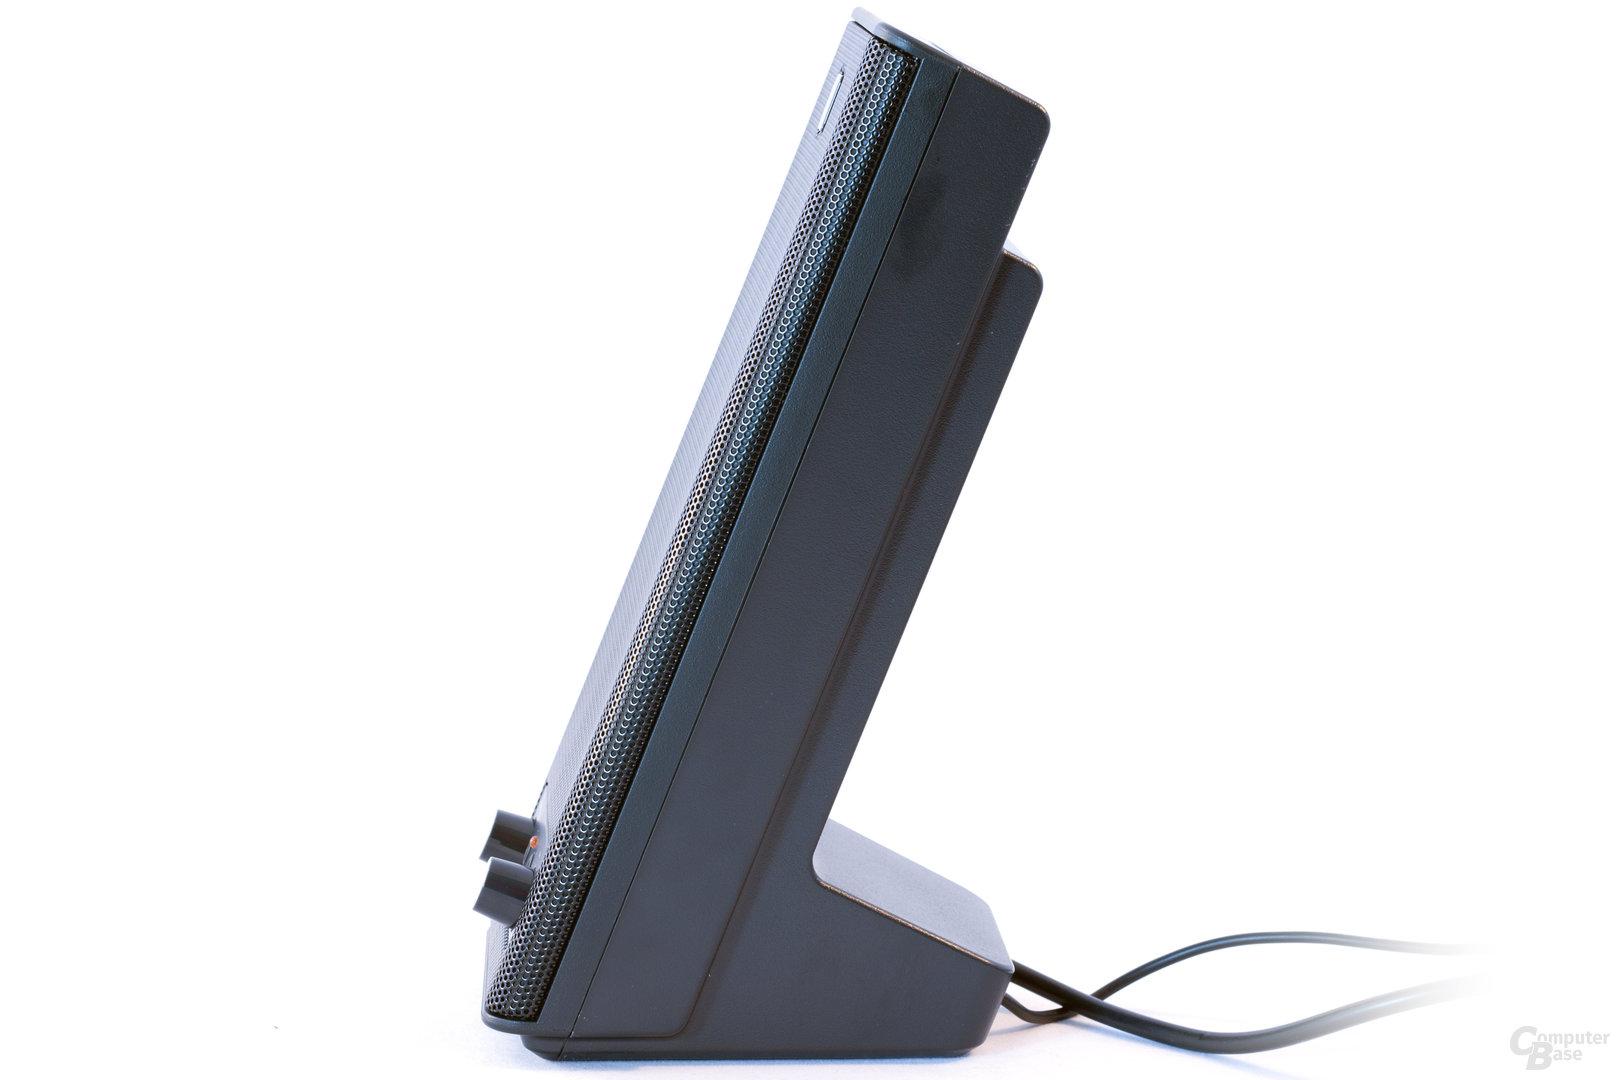 Seitliche Ansicht eines Lautsprechers des Logitech X-140